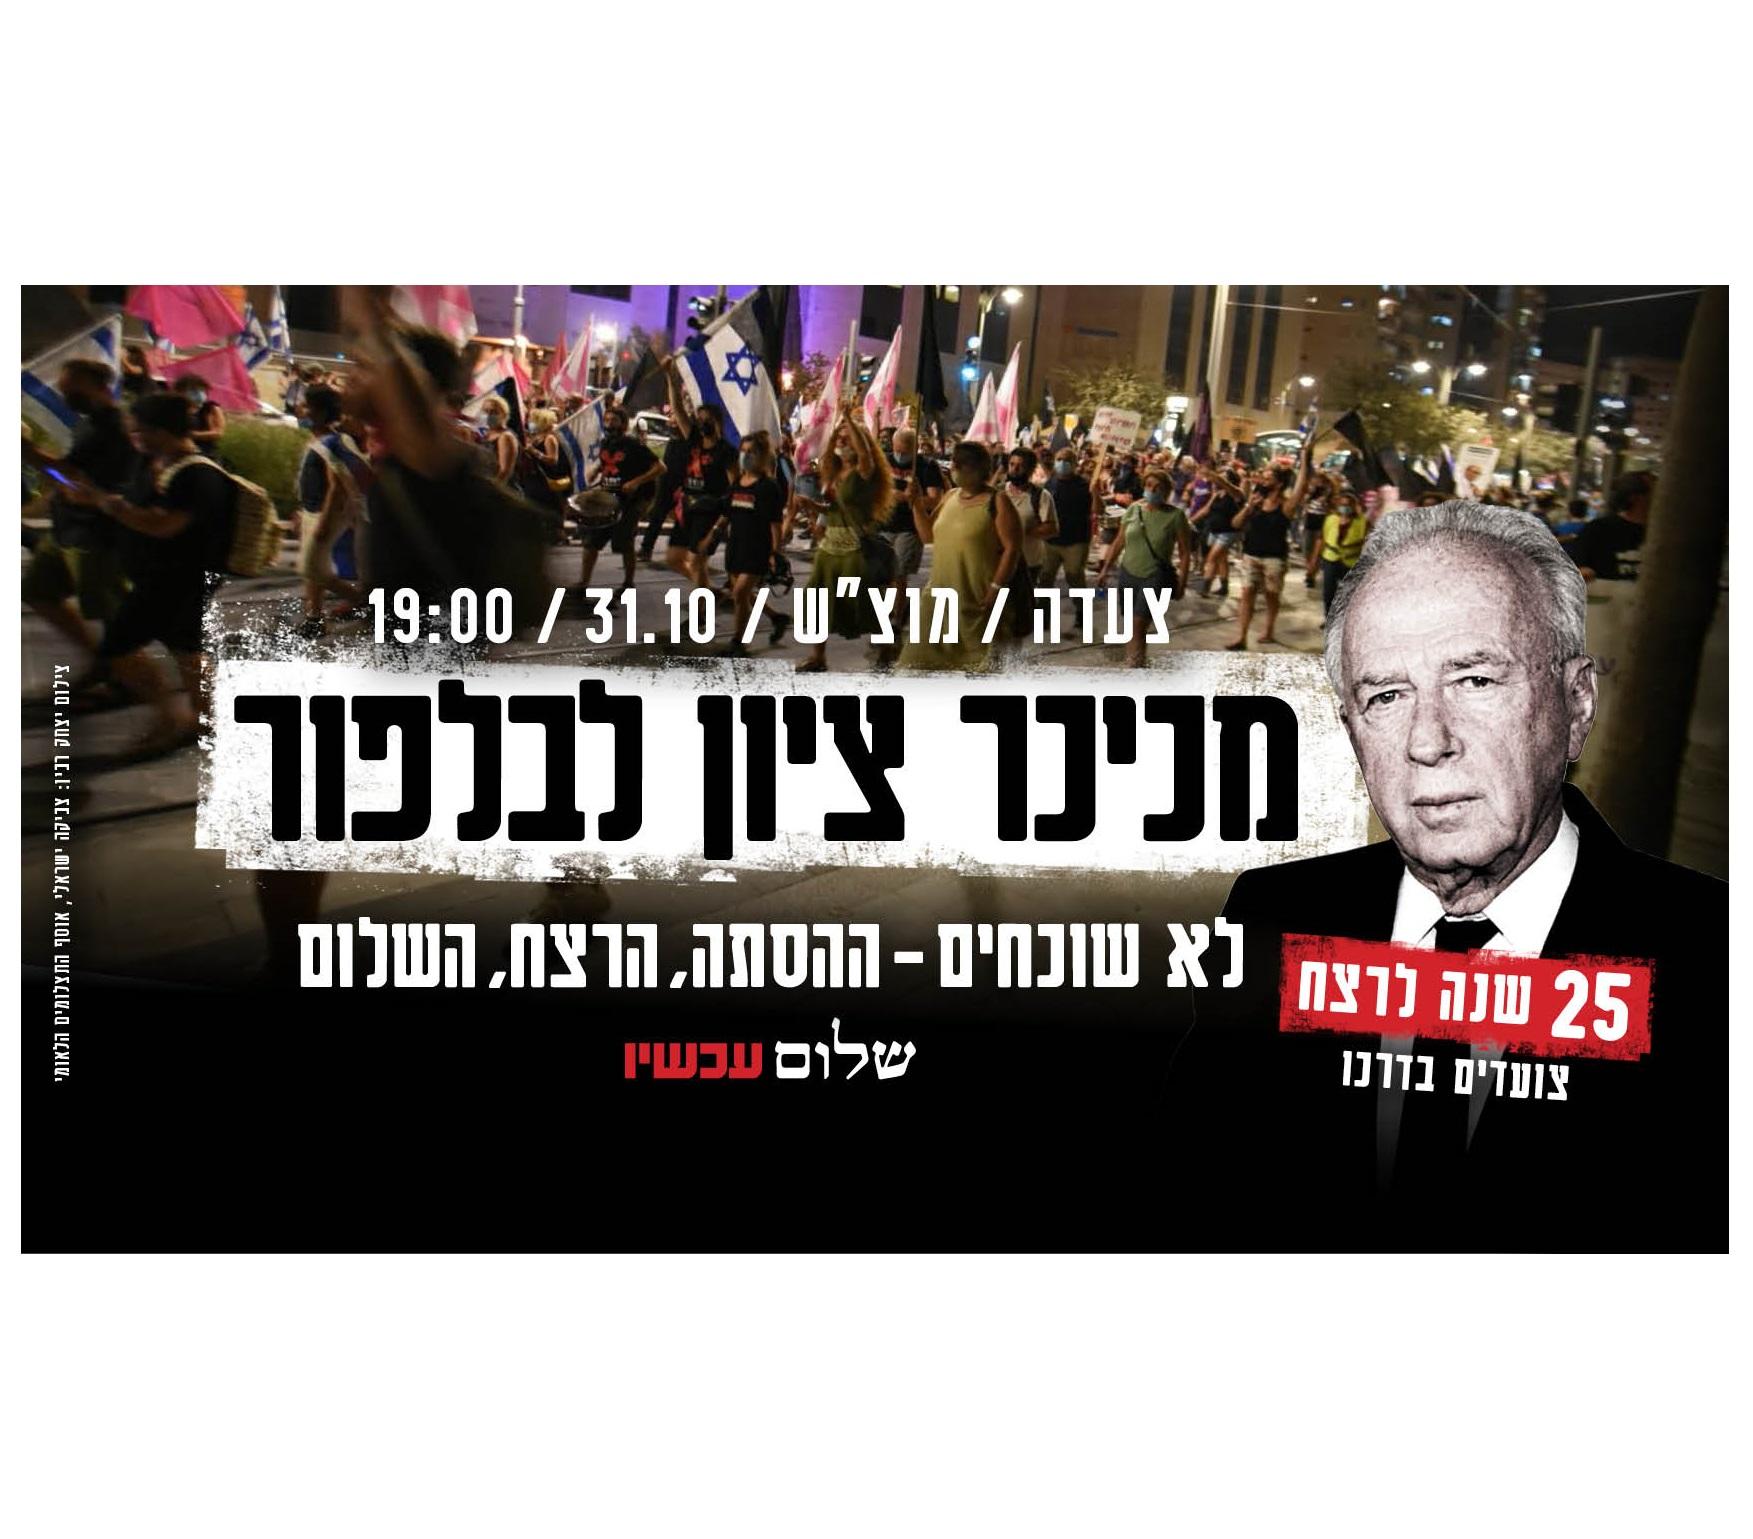 צועדים לבלפור 25 שנה לרצח רבין